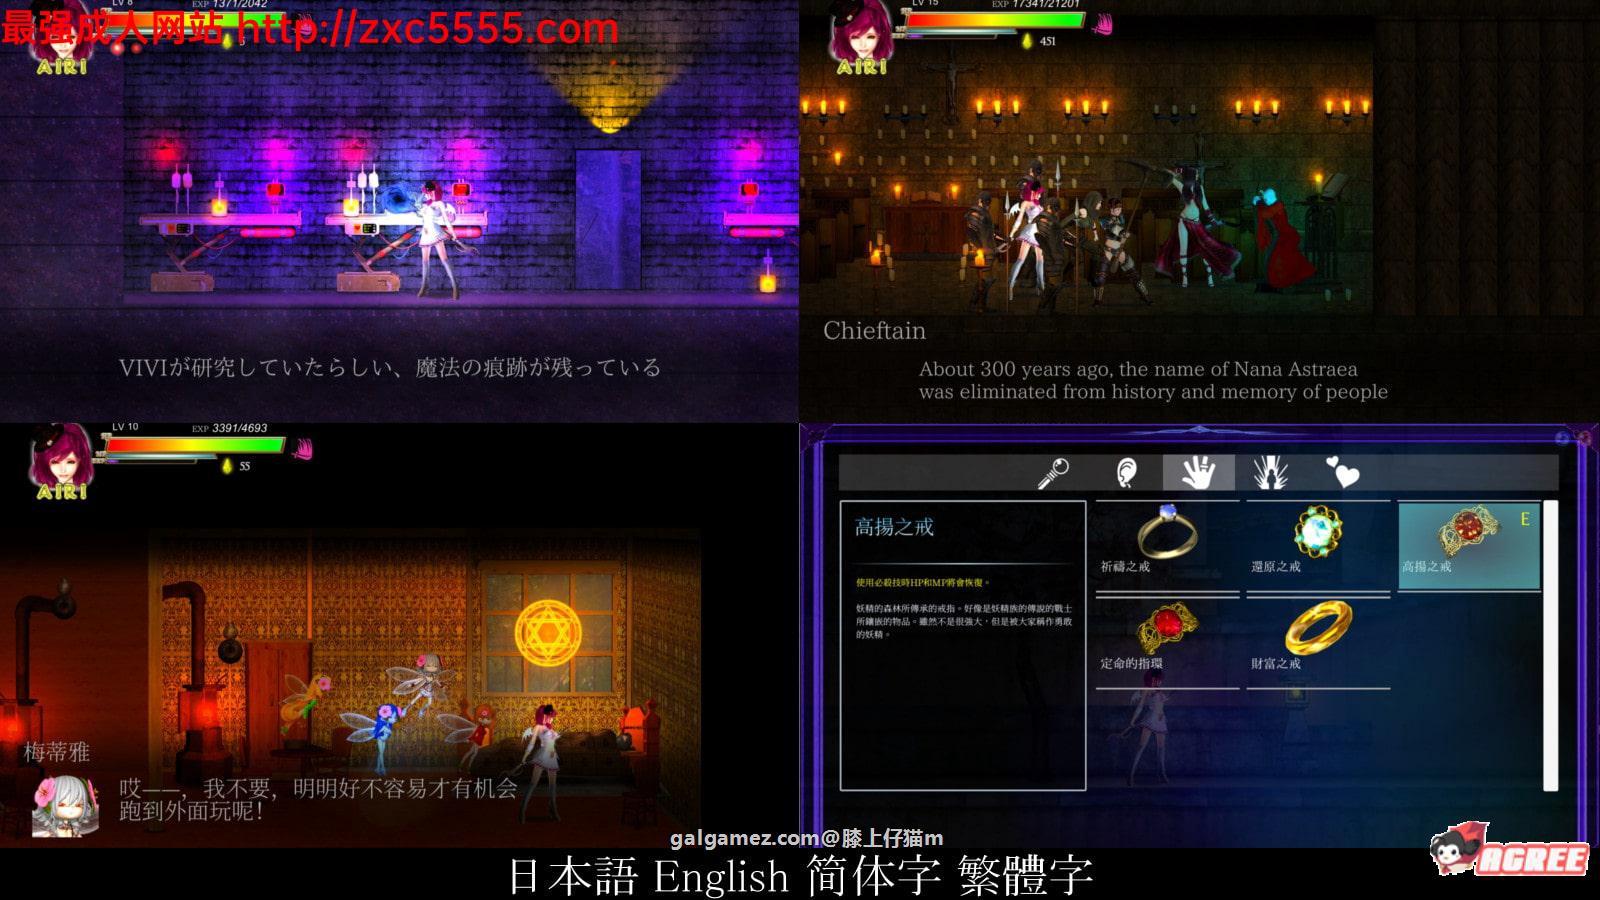 【大型ACT/中文/全动态】AIRI地狱:纯白女神与亡者之都 V1.20官中版+全DLC+存档【8G】 3